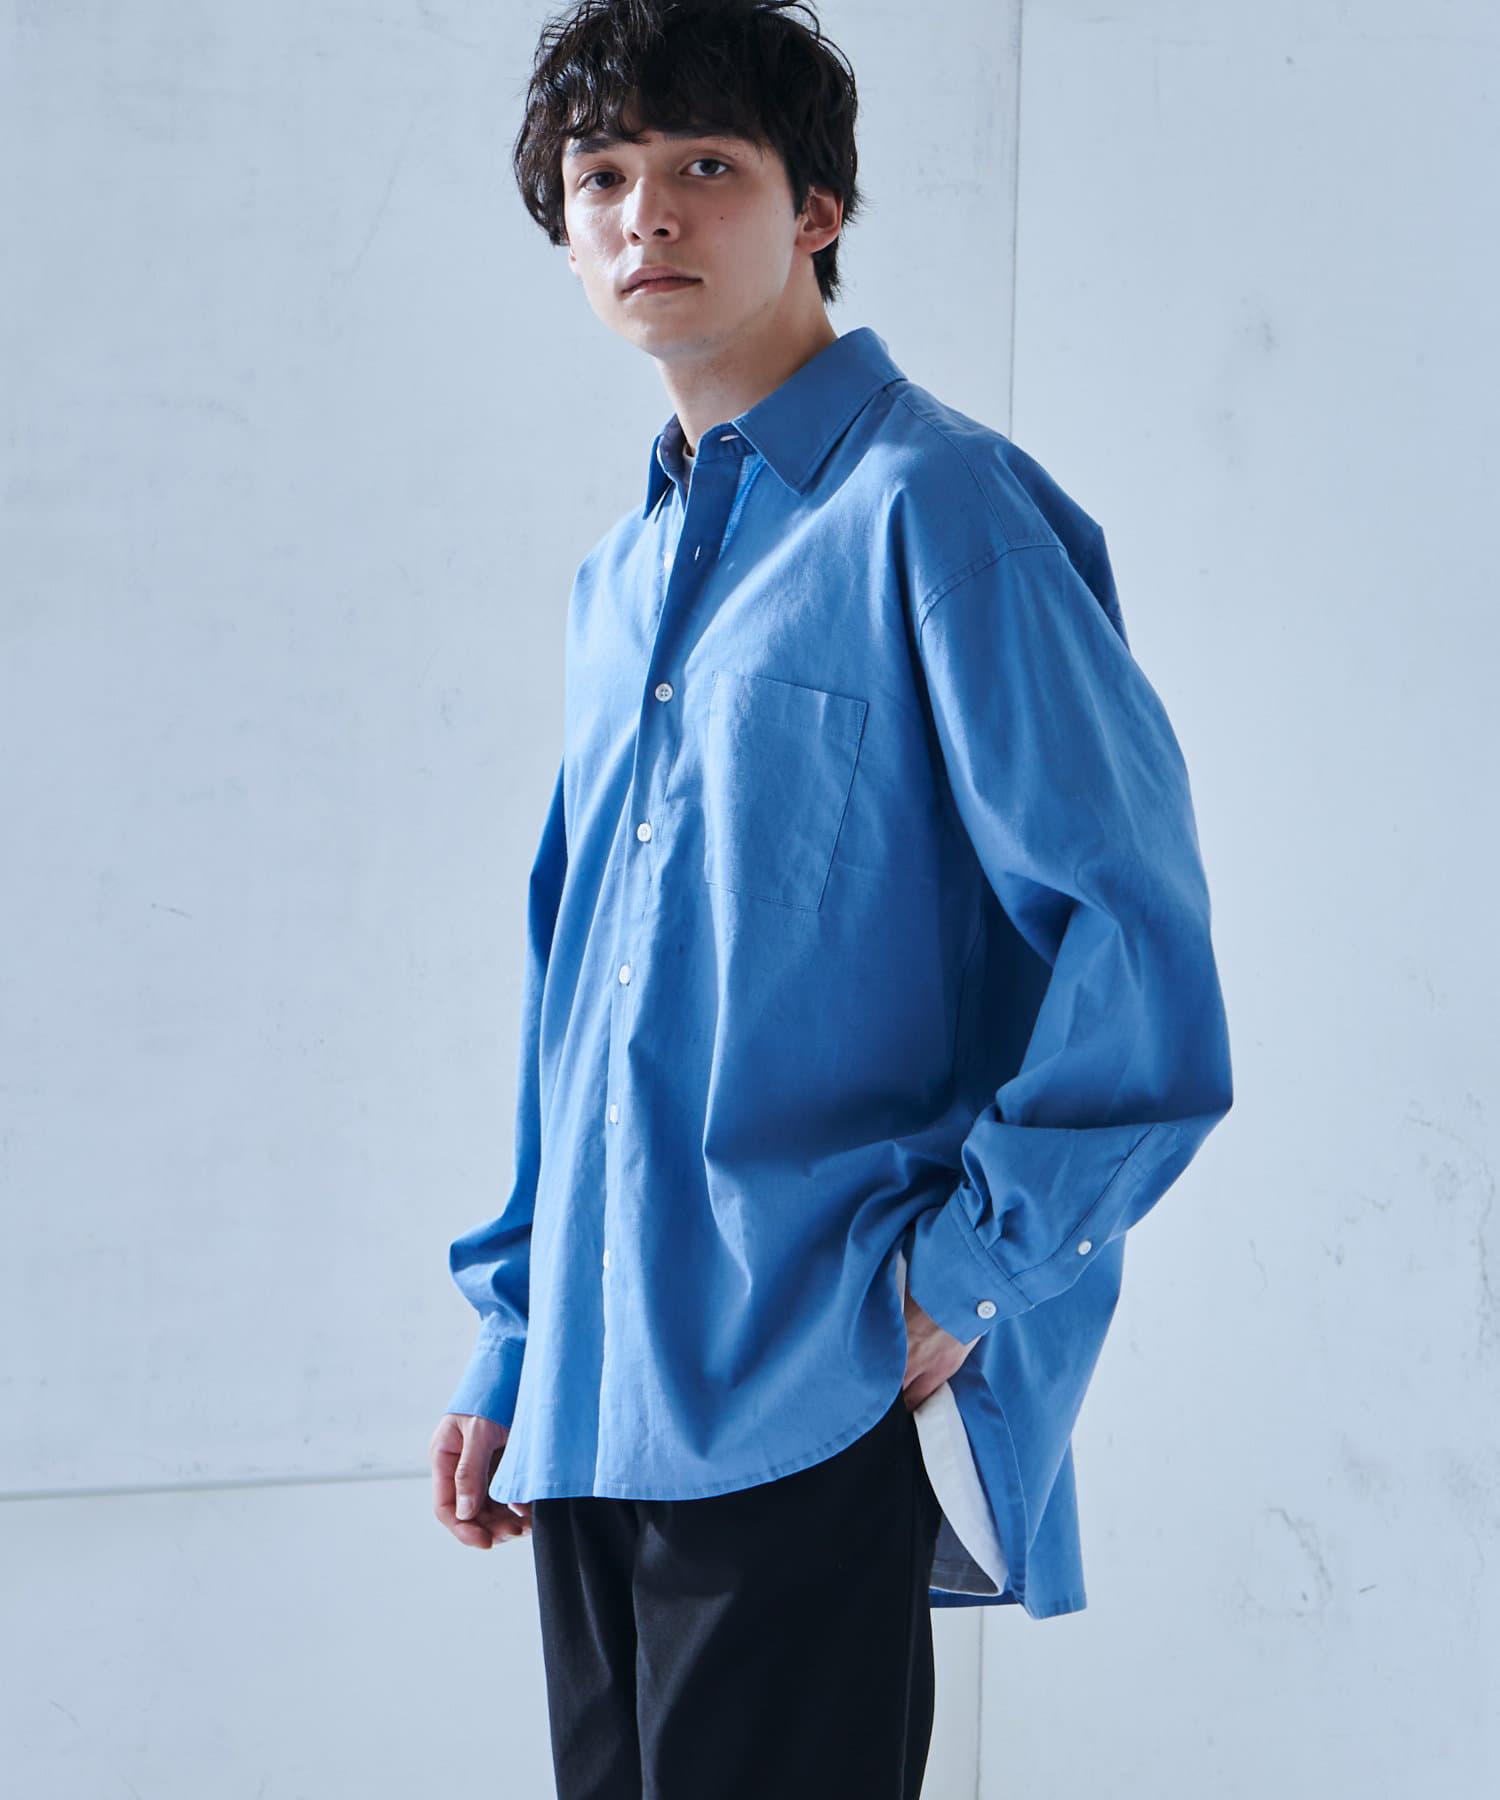 Discoat(ディスコート) Discoat(ディスコート) 綿麻SOLONAビッグシャツ サックスブルー